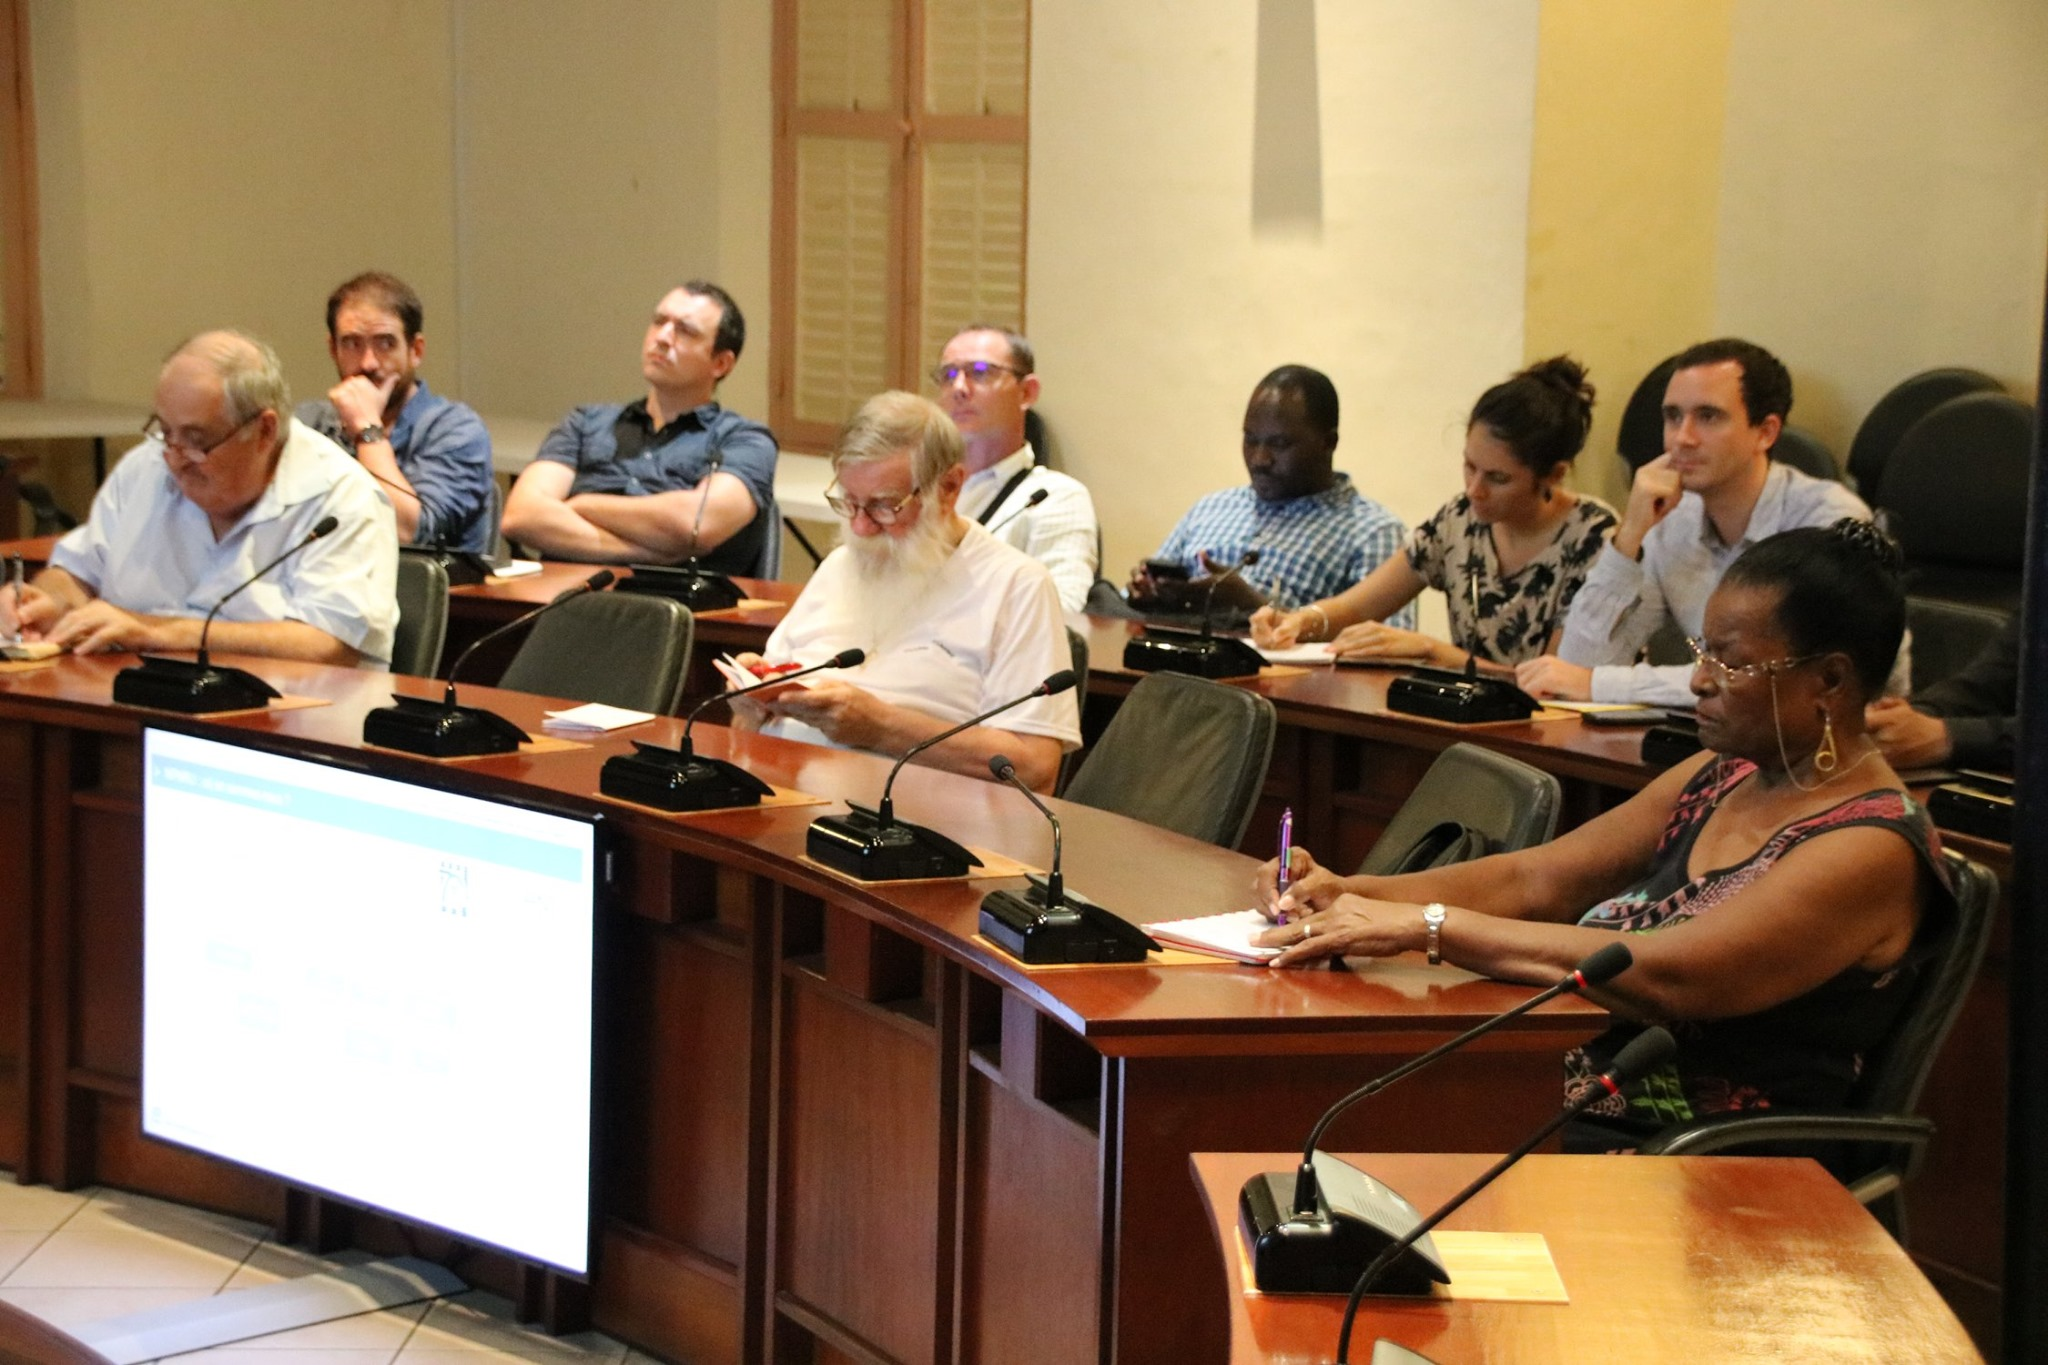 [Rénovation urbaine] : réunion publique d'information sur la rénovation urbaine du secteur centre-ville